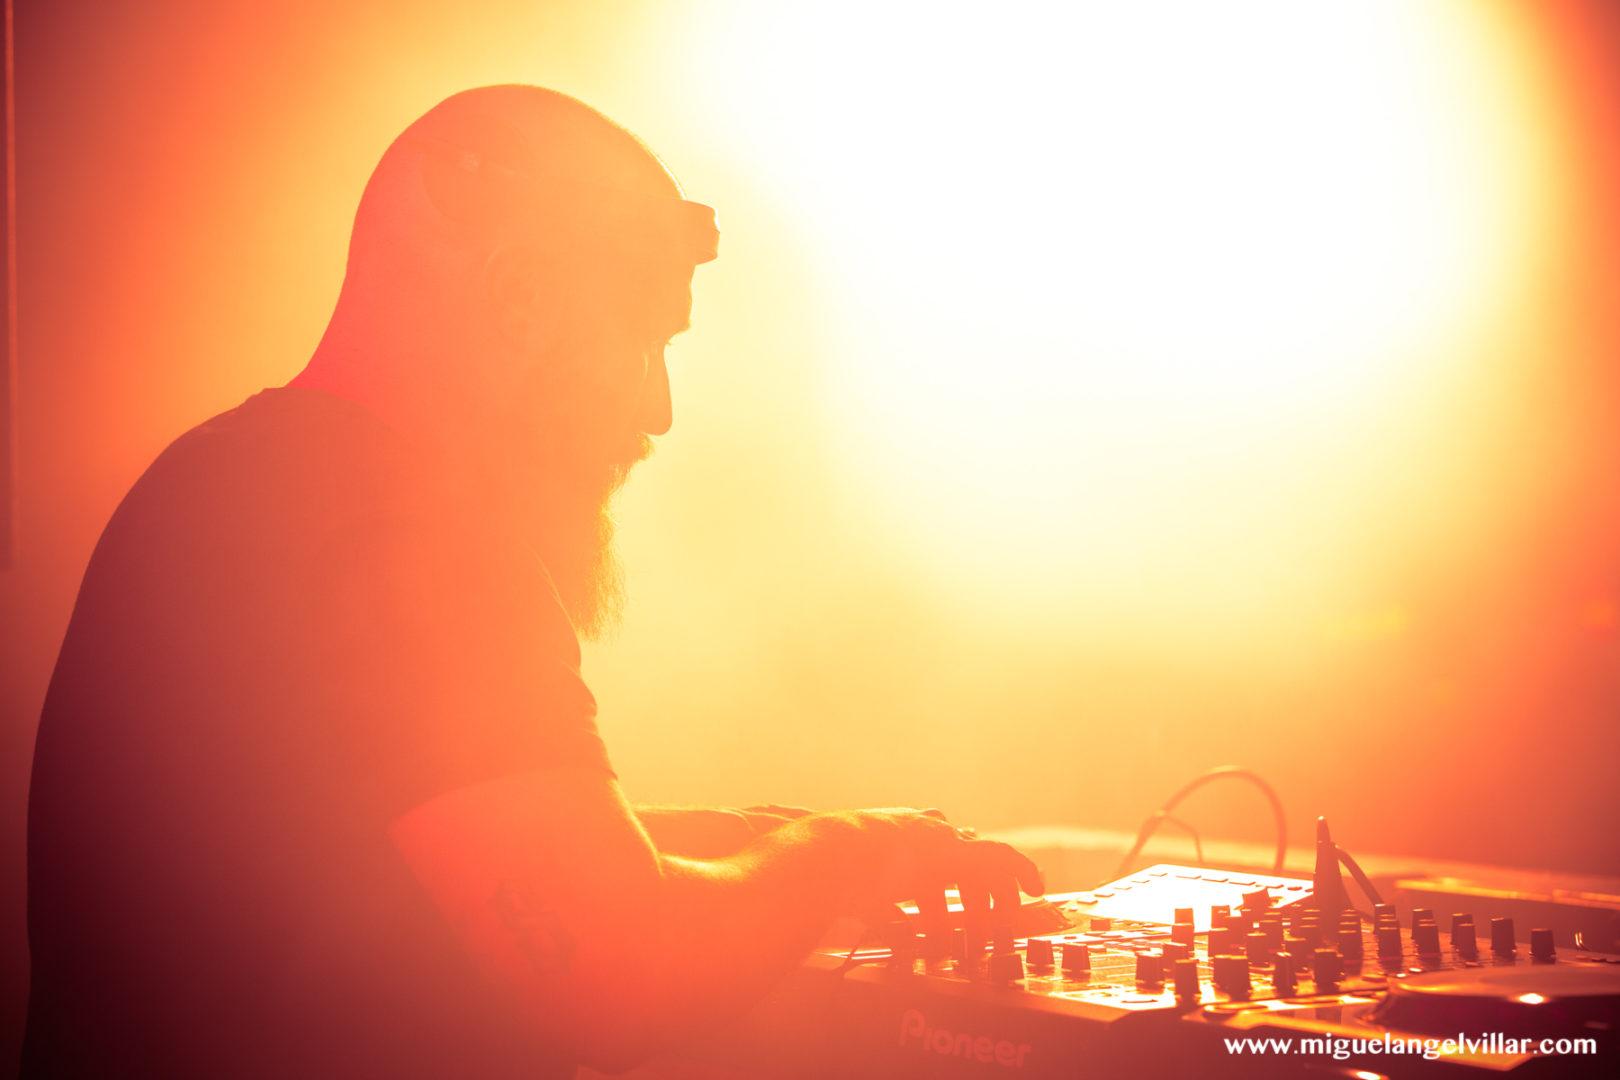 Raul Ortiz - Yesterday 6 chumi DJ bigastro